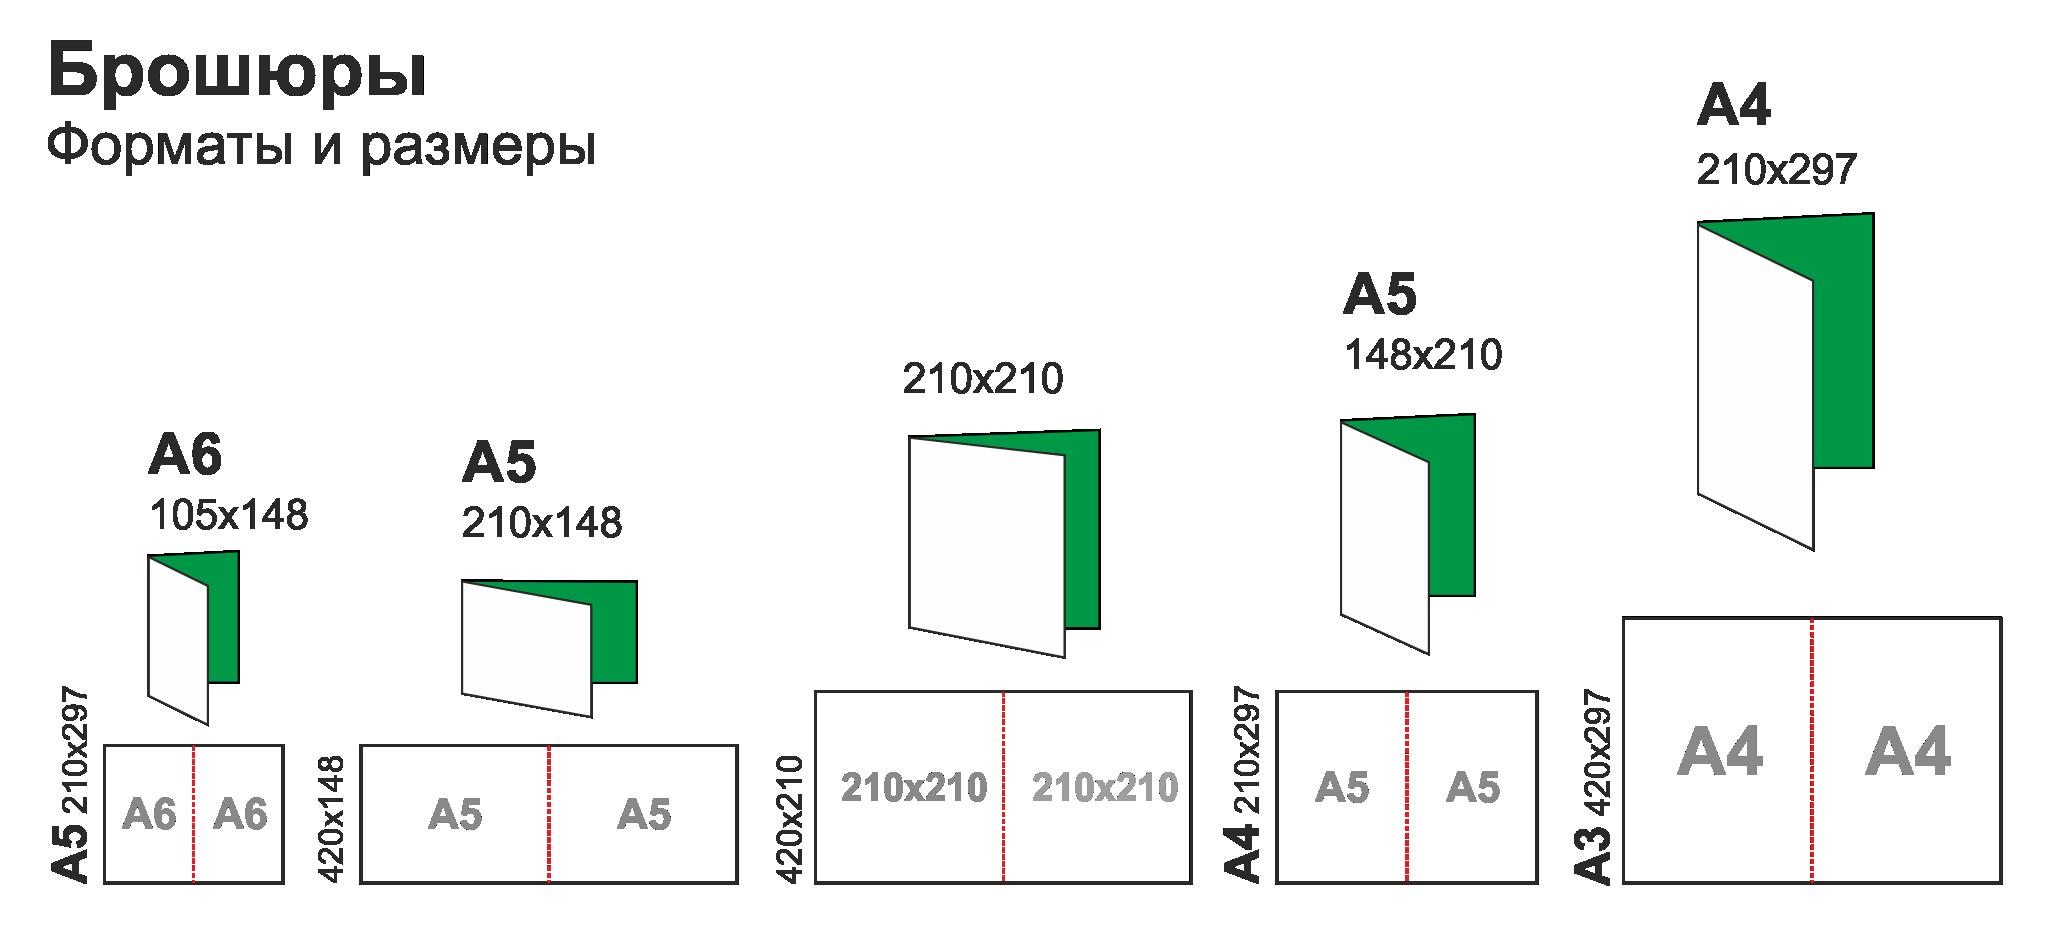 Форматы и размеры для печати буклетов в Рязани